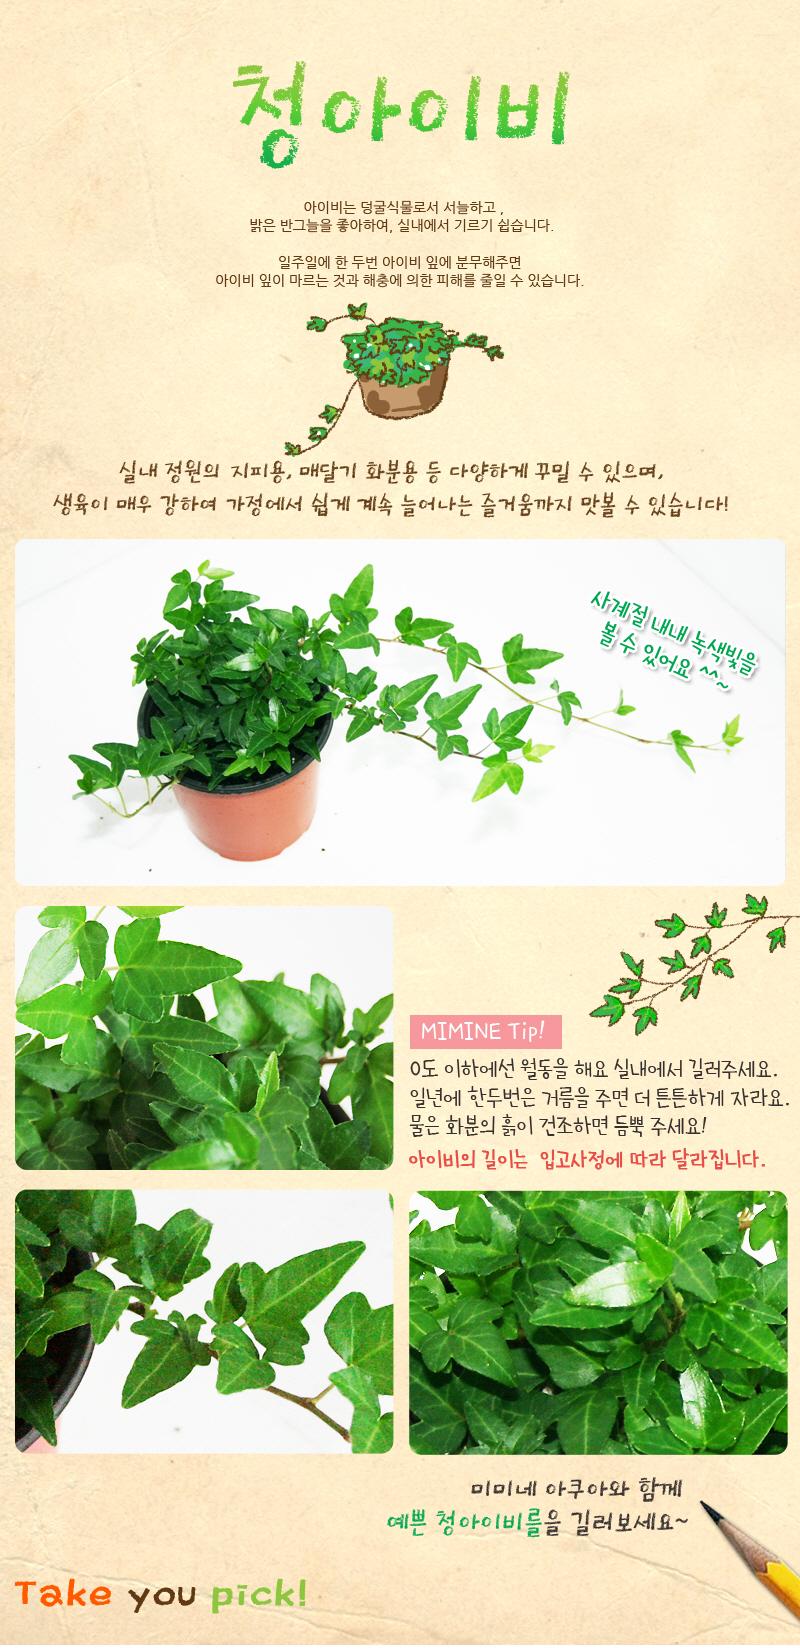 청아이비 1포트 - 미미네아쿠아, 3,000원, 허브/다육/선인장, 공기정화식물